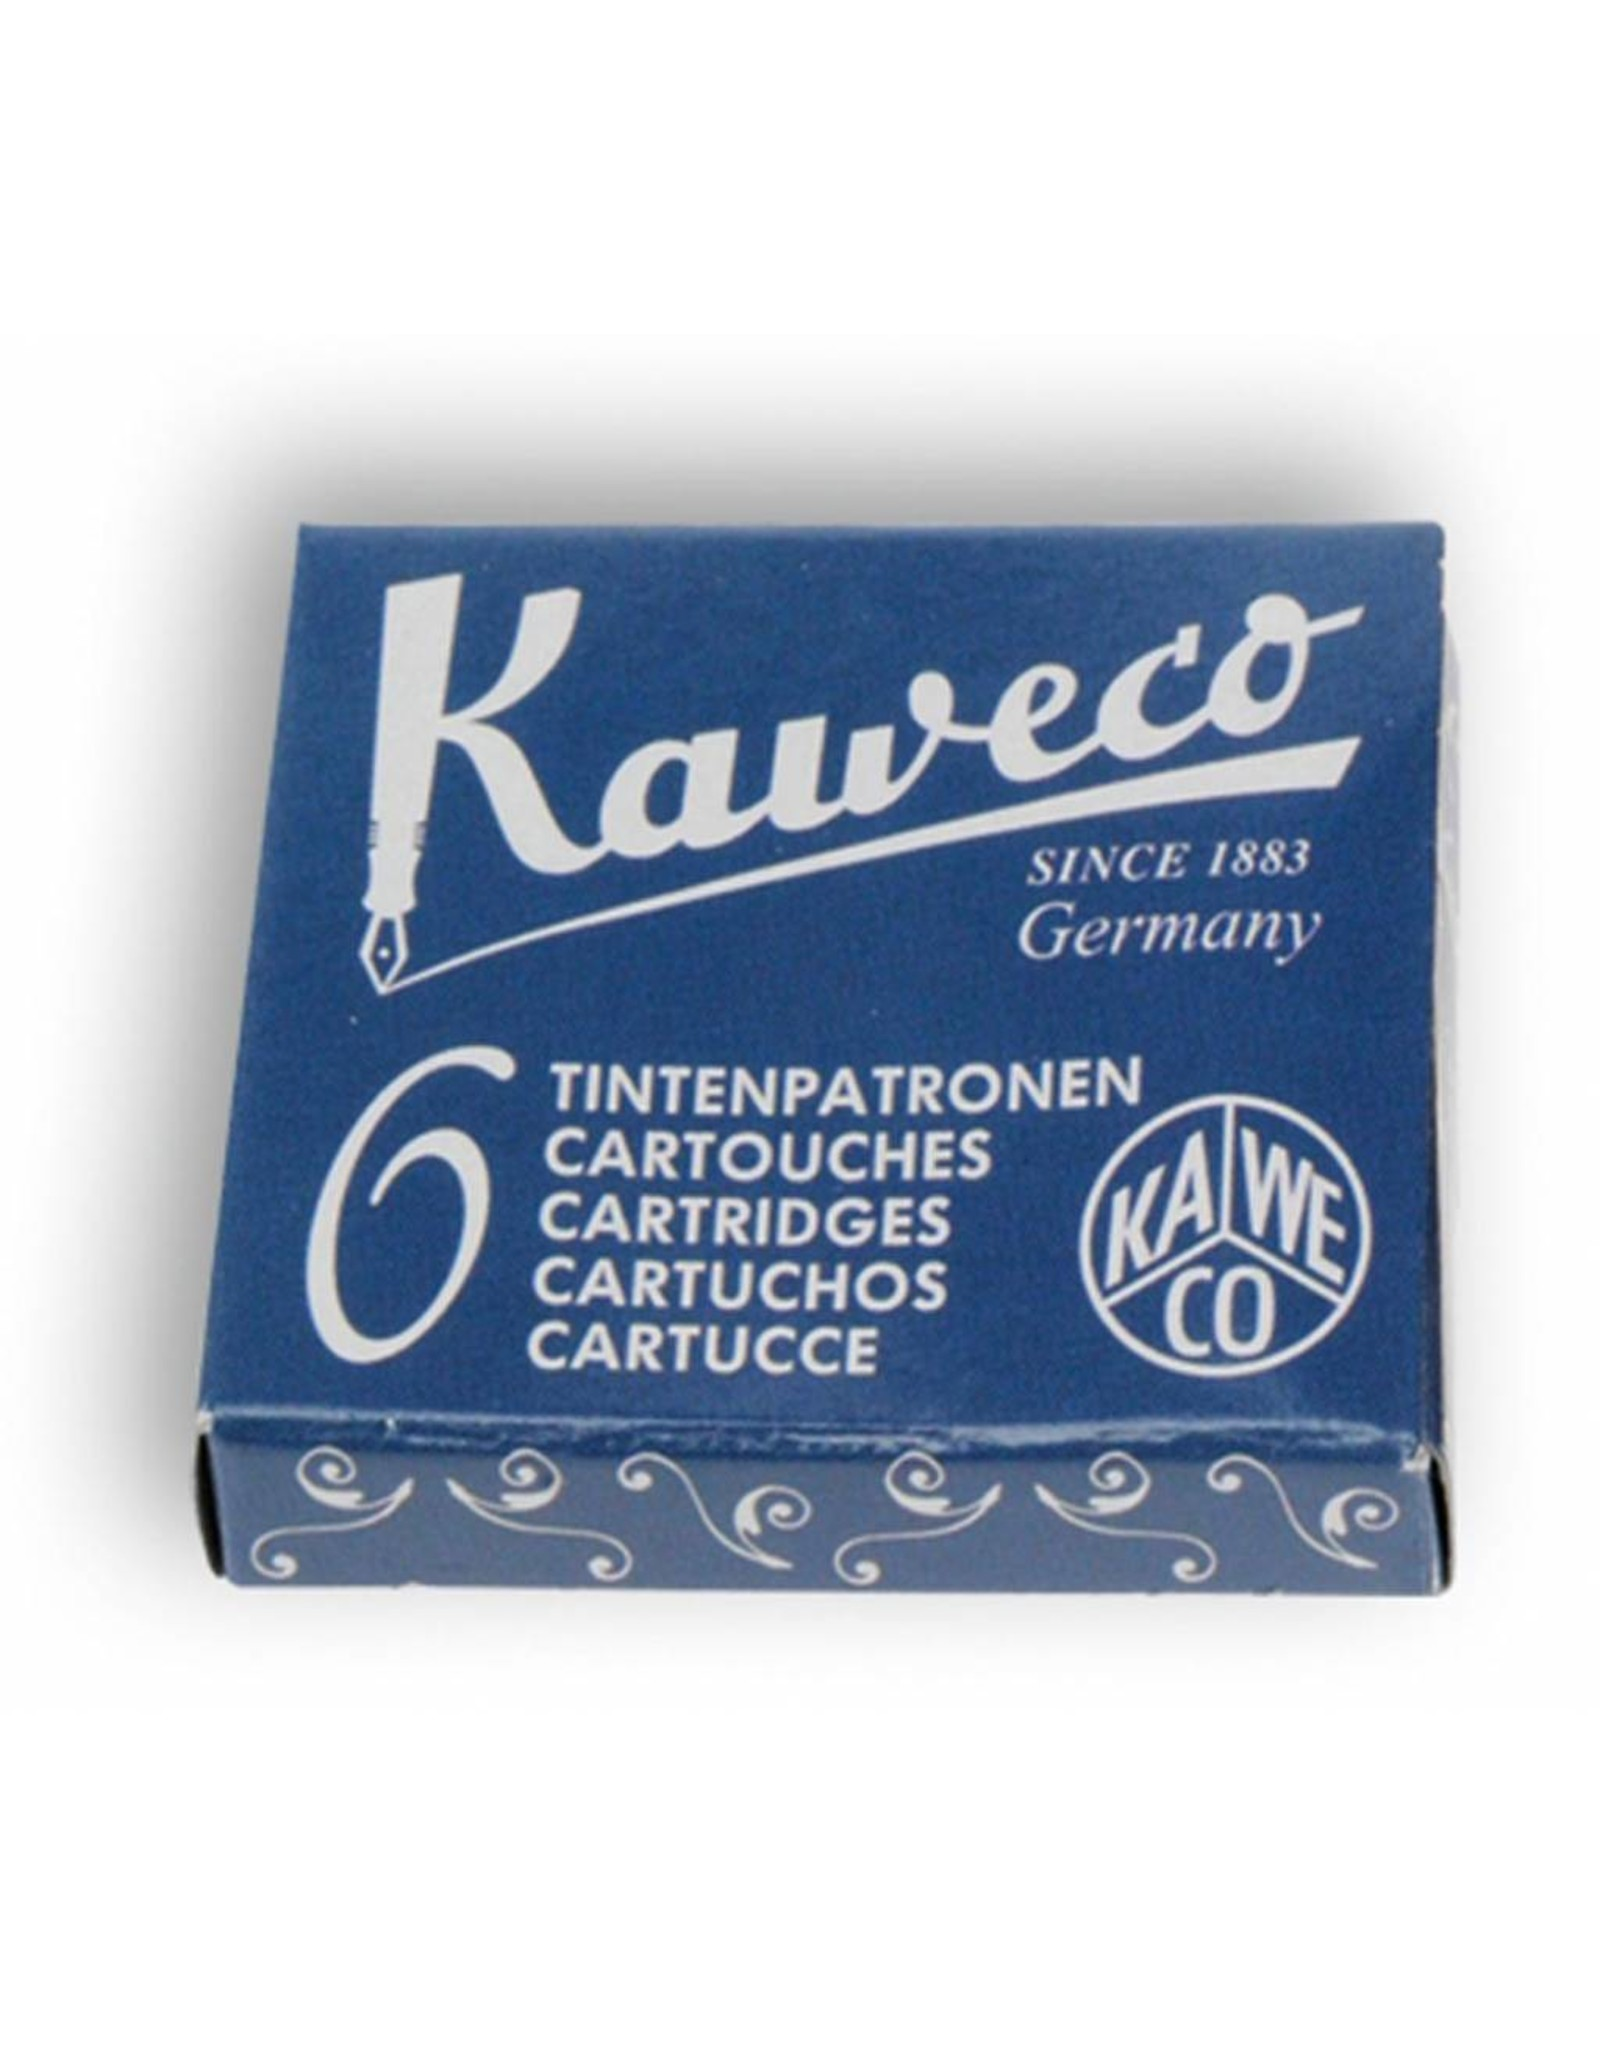 Kaweco vulpen vullingen (6) midnight blue